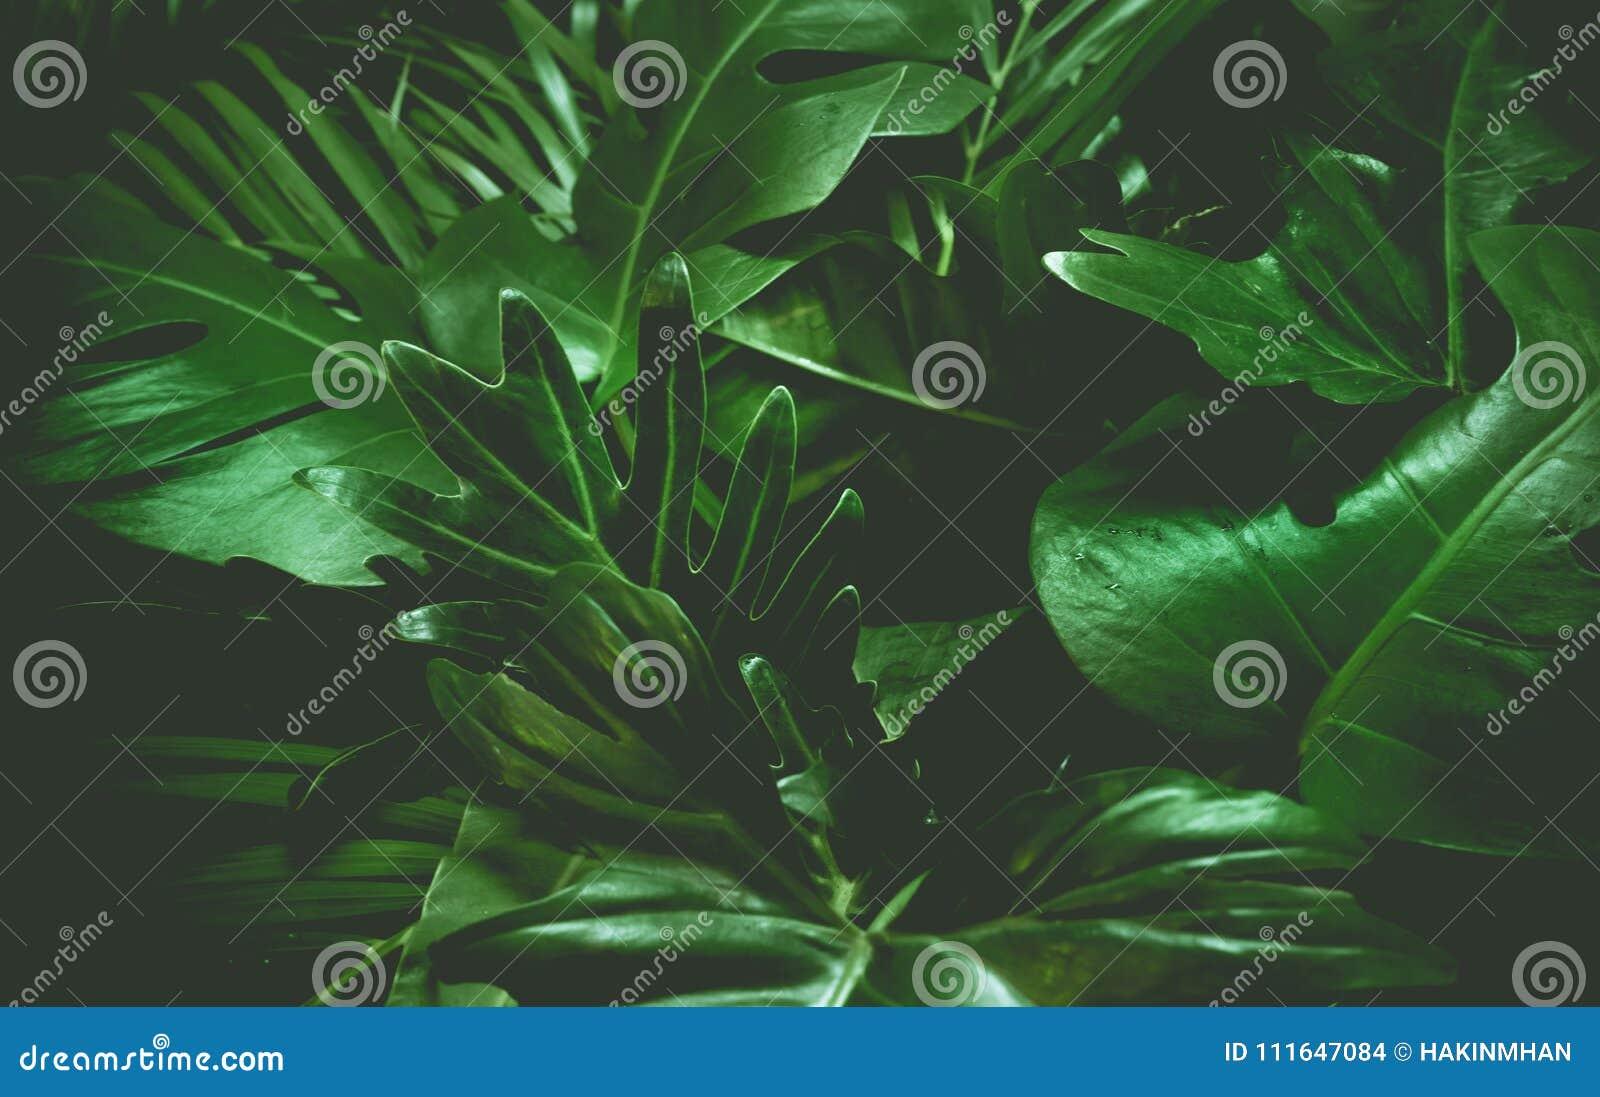 Grünes Hintergrund-Konzept Tropische Palmblätter, Dschungelblatt